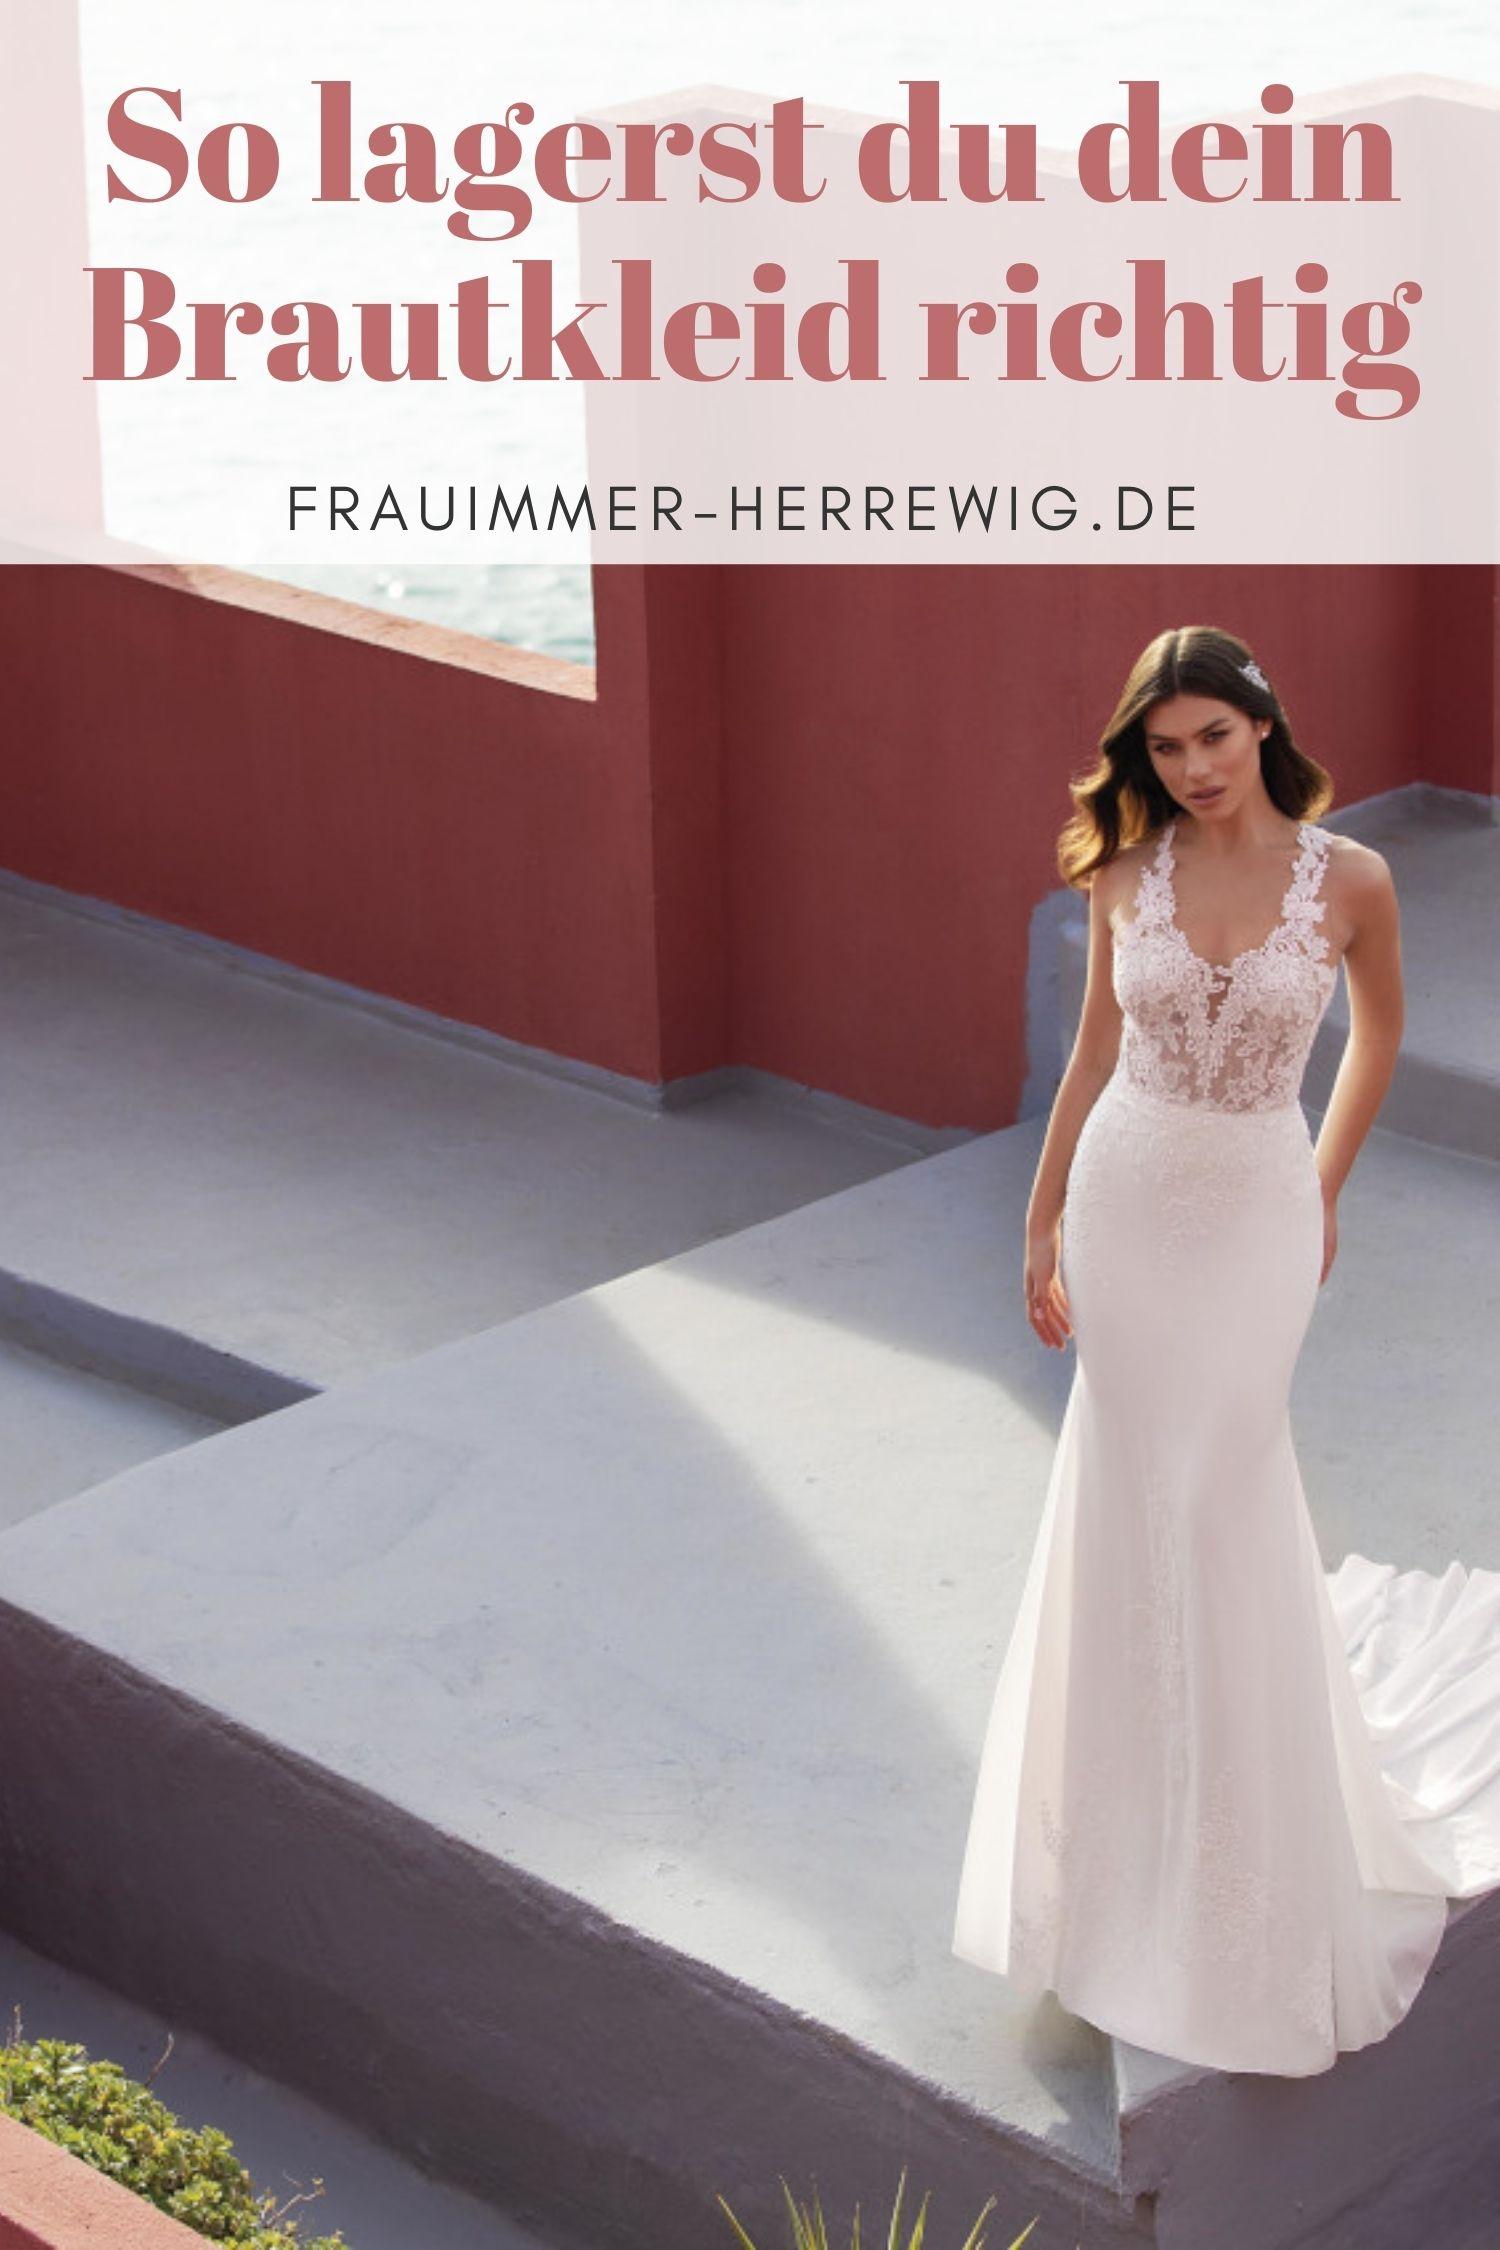 Brautkleid lagerung tipps – gesehen bei frauimmer-herrewig.de